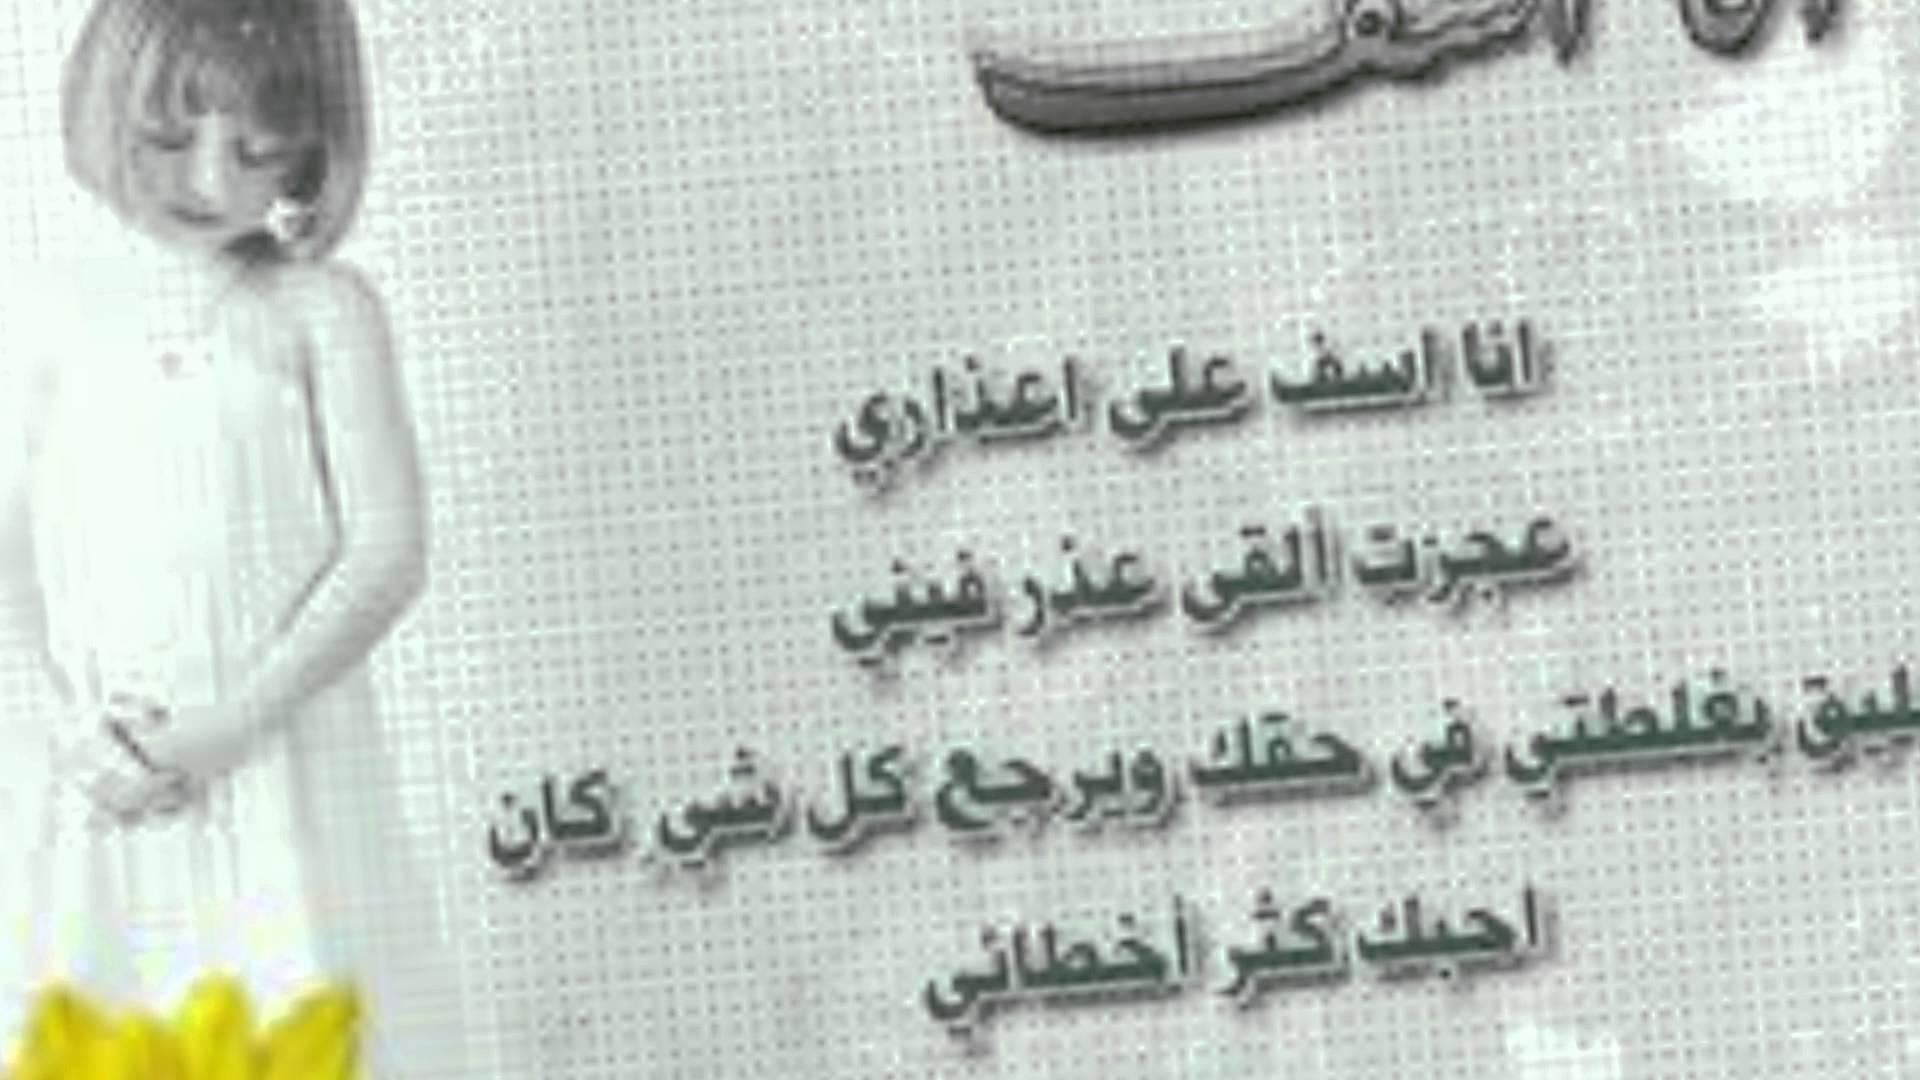 بالصور شعر اعتذار , قصائد واشعار عن الاعتذار 6287 6